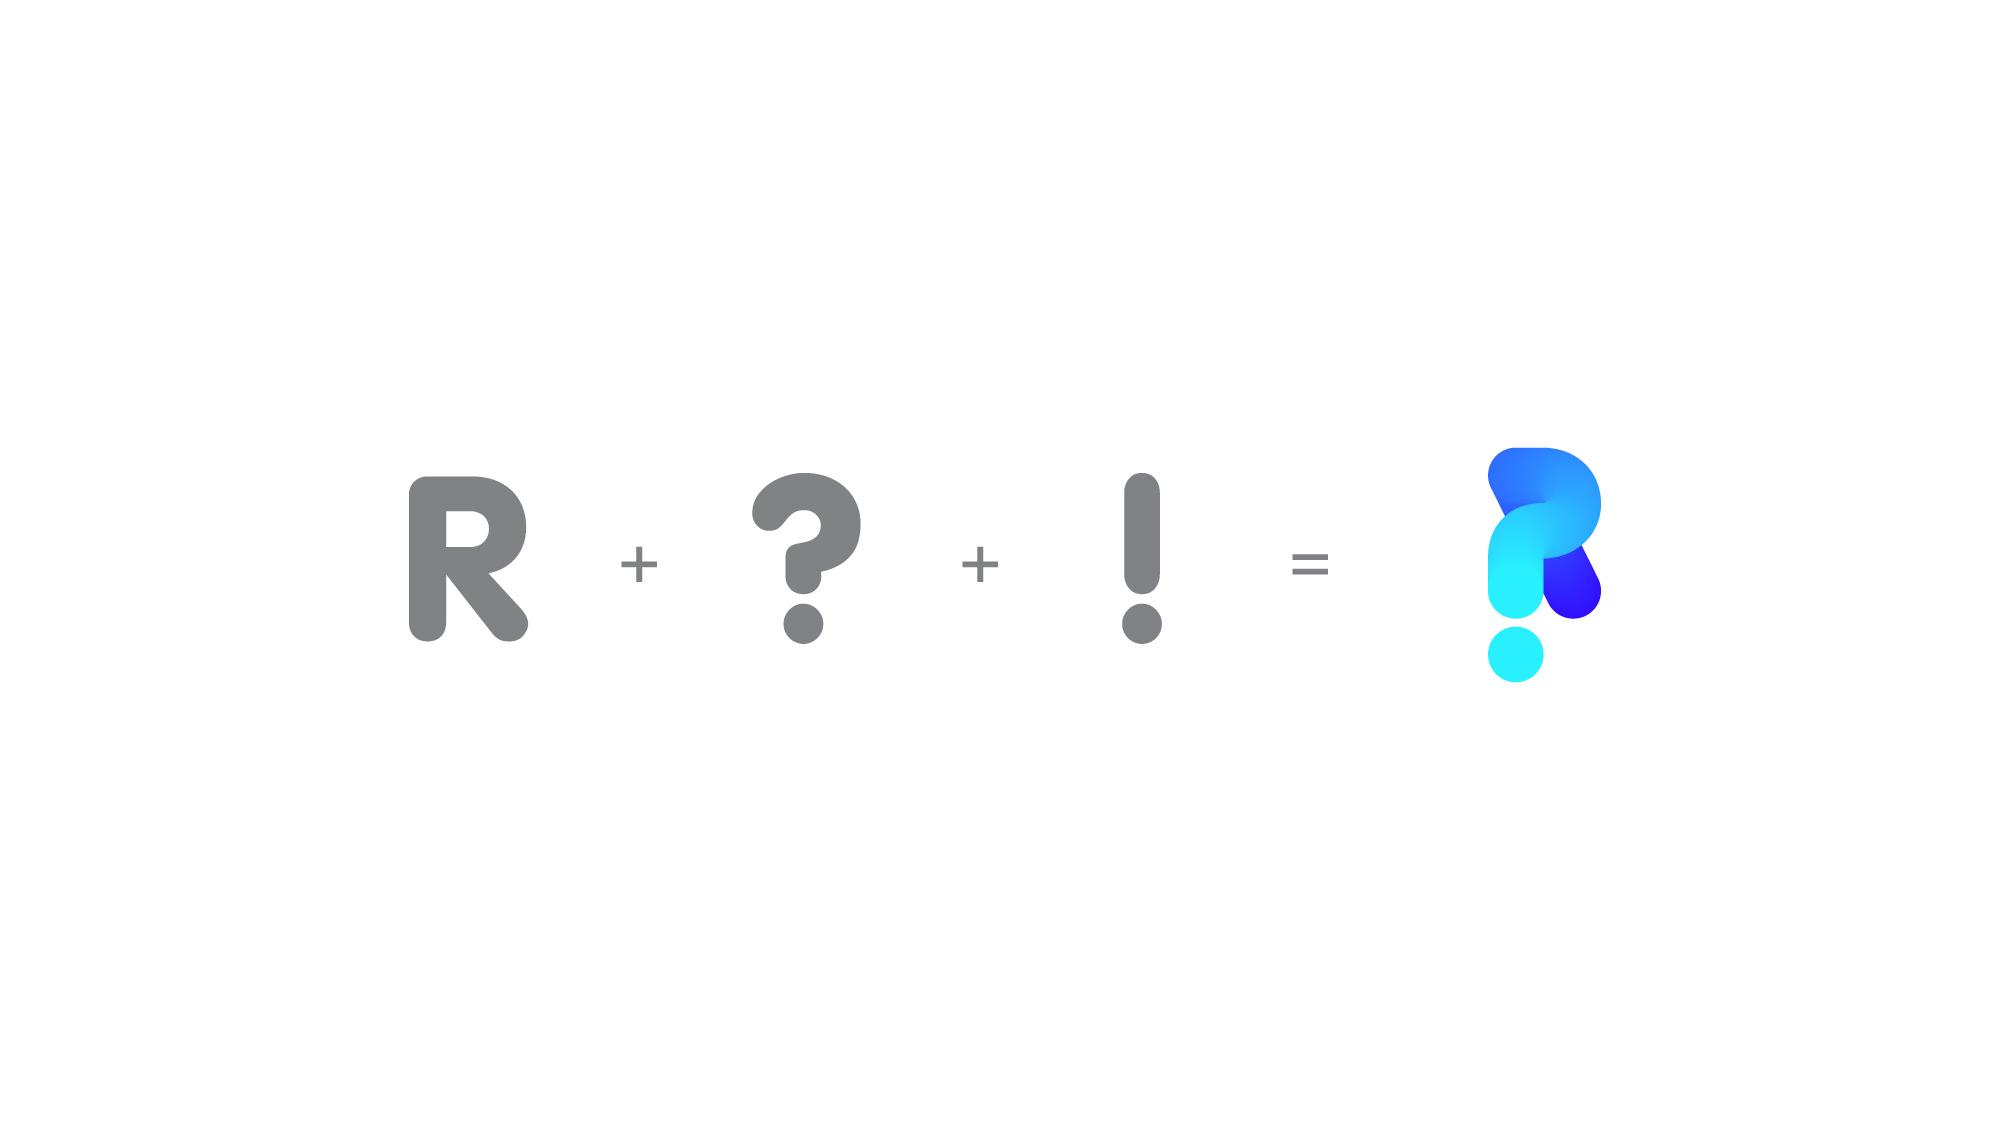 Raizomat-Logo-Creation-2K-q80-02